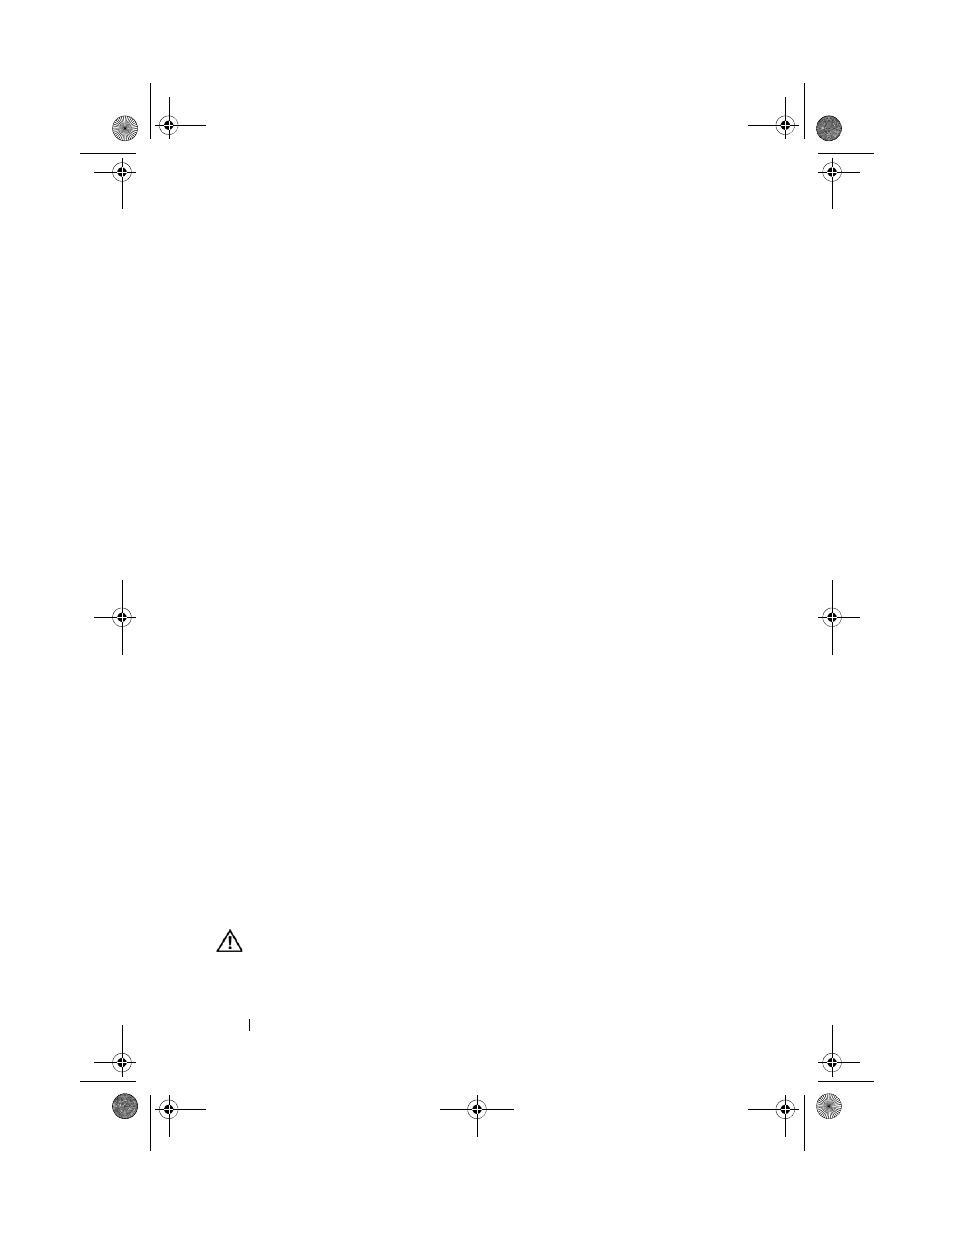 Md3200 series storage array, Dell powervault modular disk storage